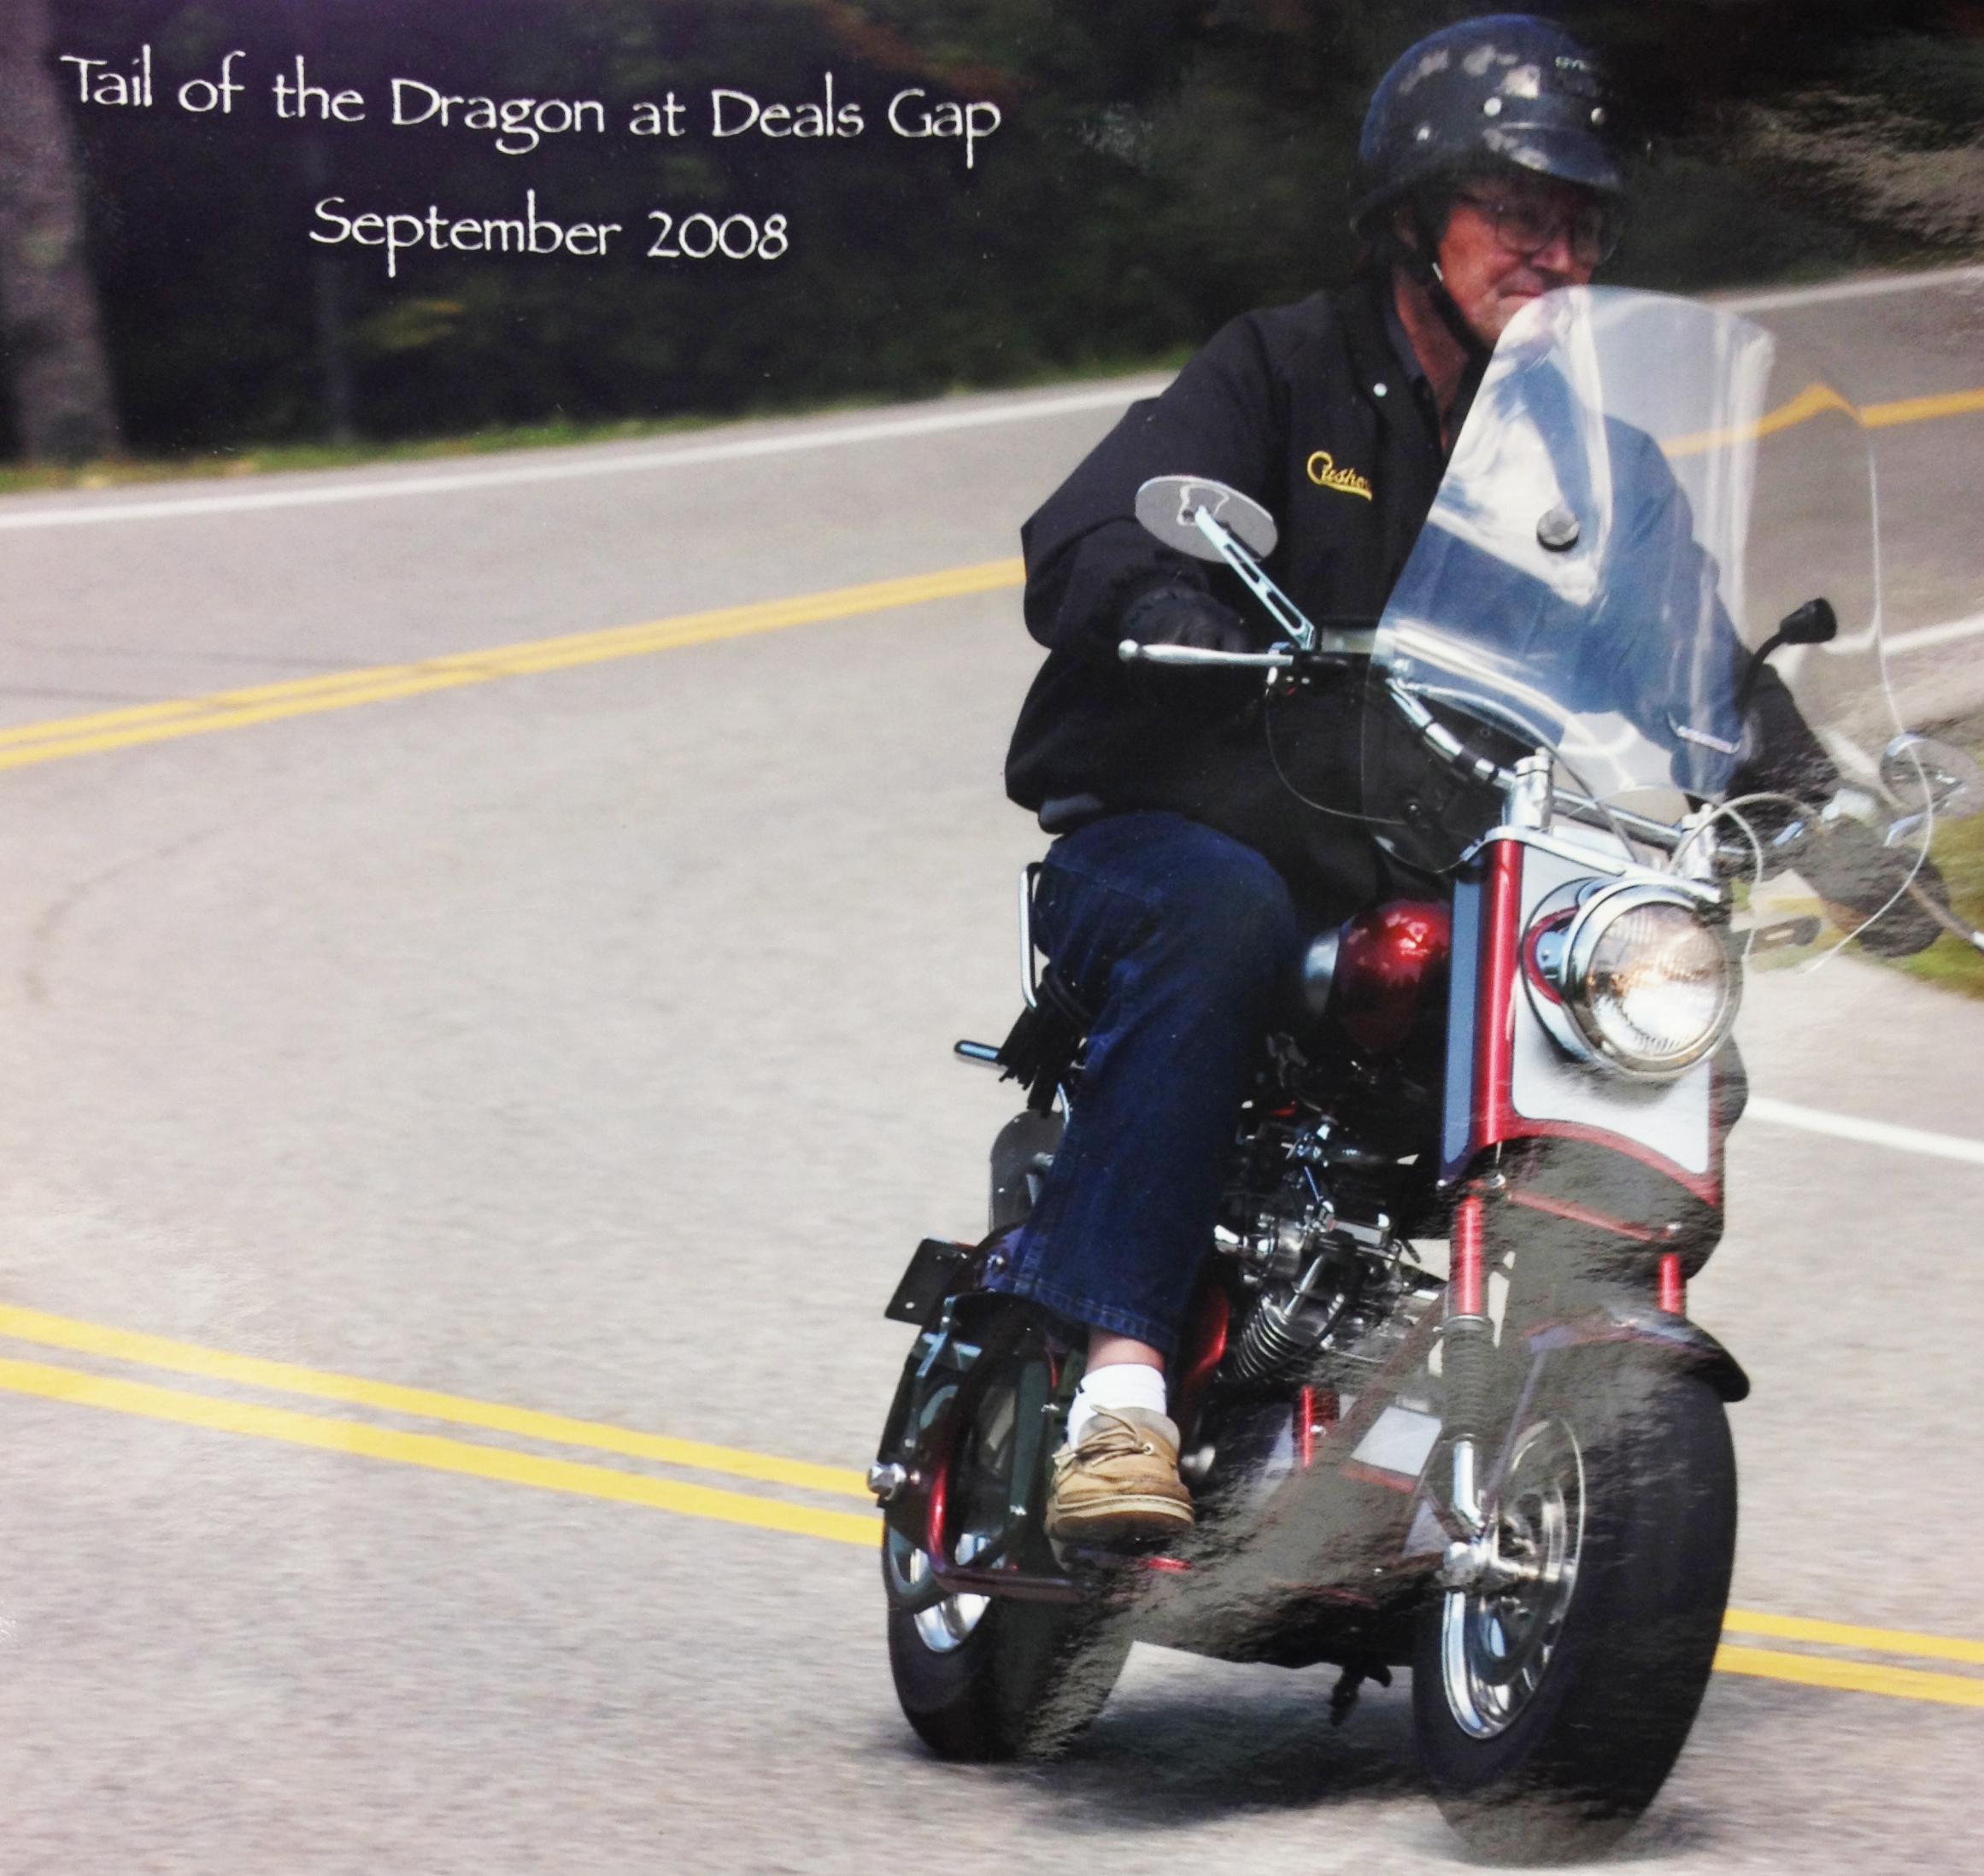 Phil Riding his Custom Cushman at Deals Gap!